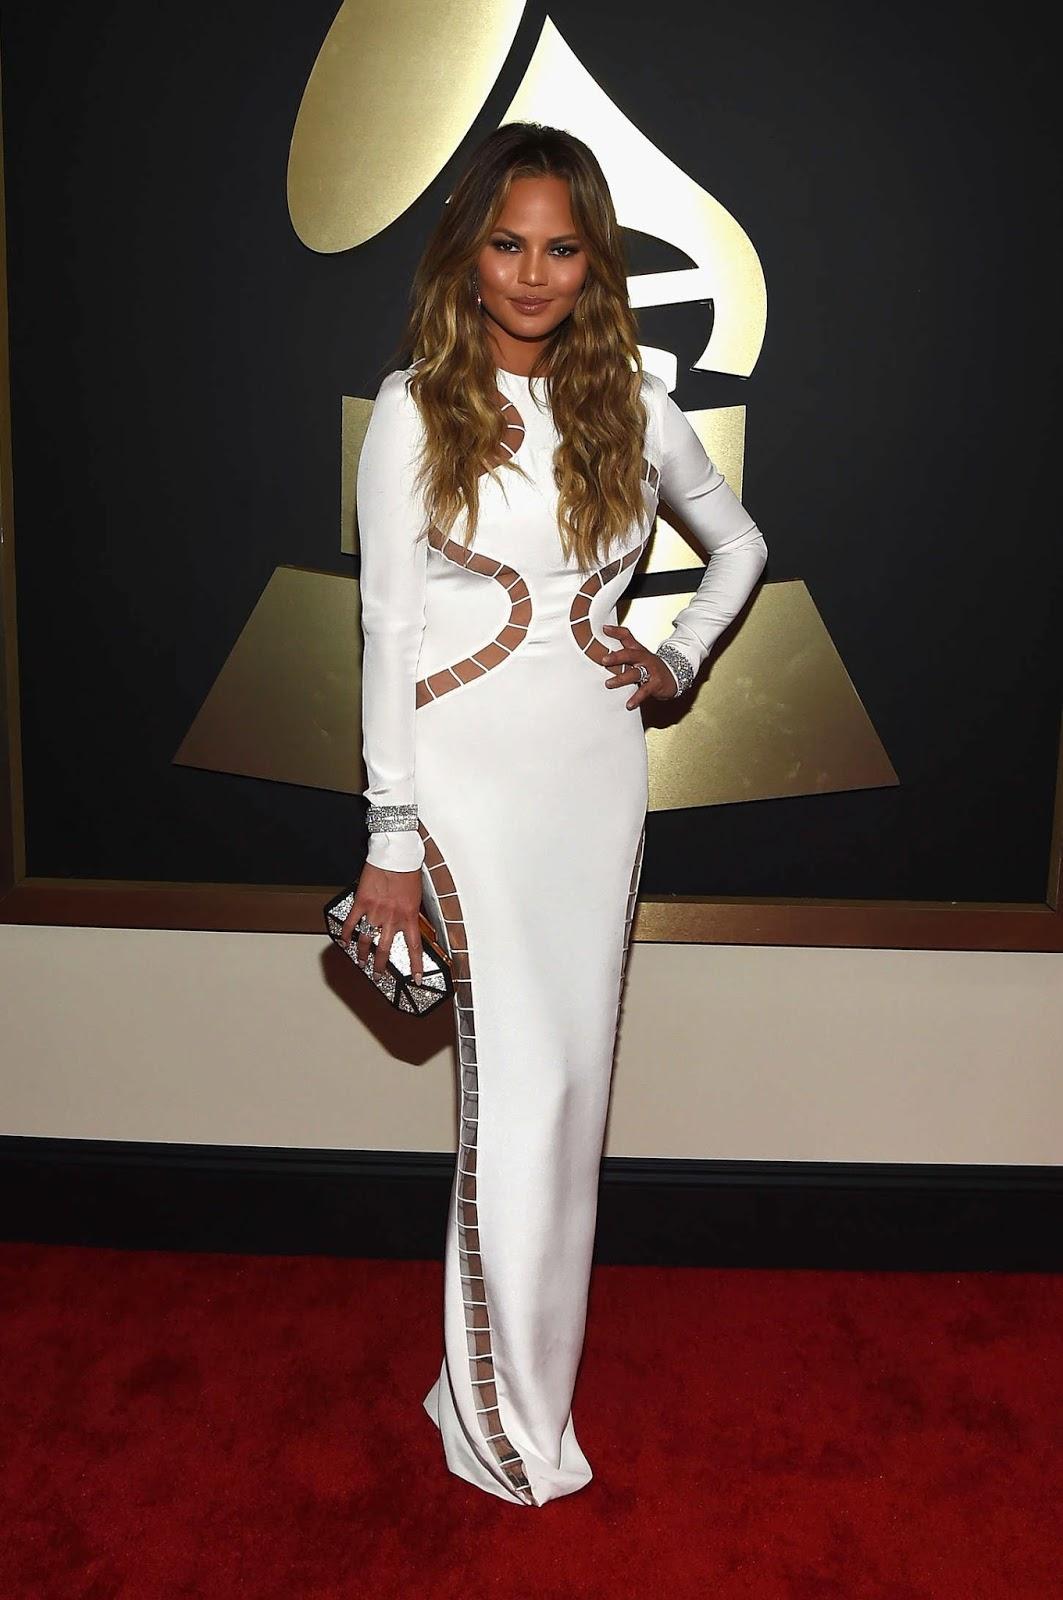 Chrissy Teigen wears a figure hugging white gown to the 2015 Grammy Awards in LA